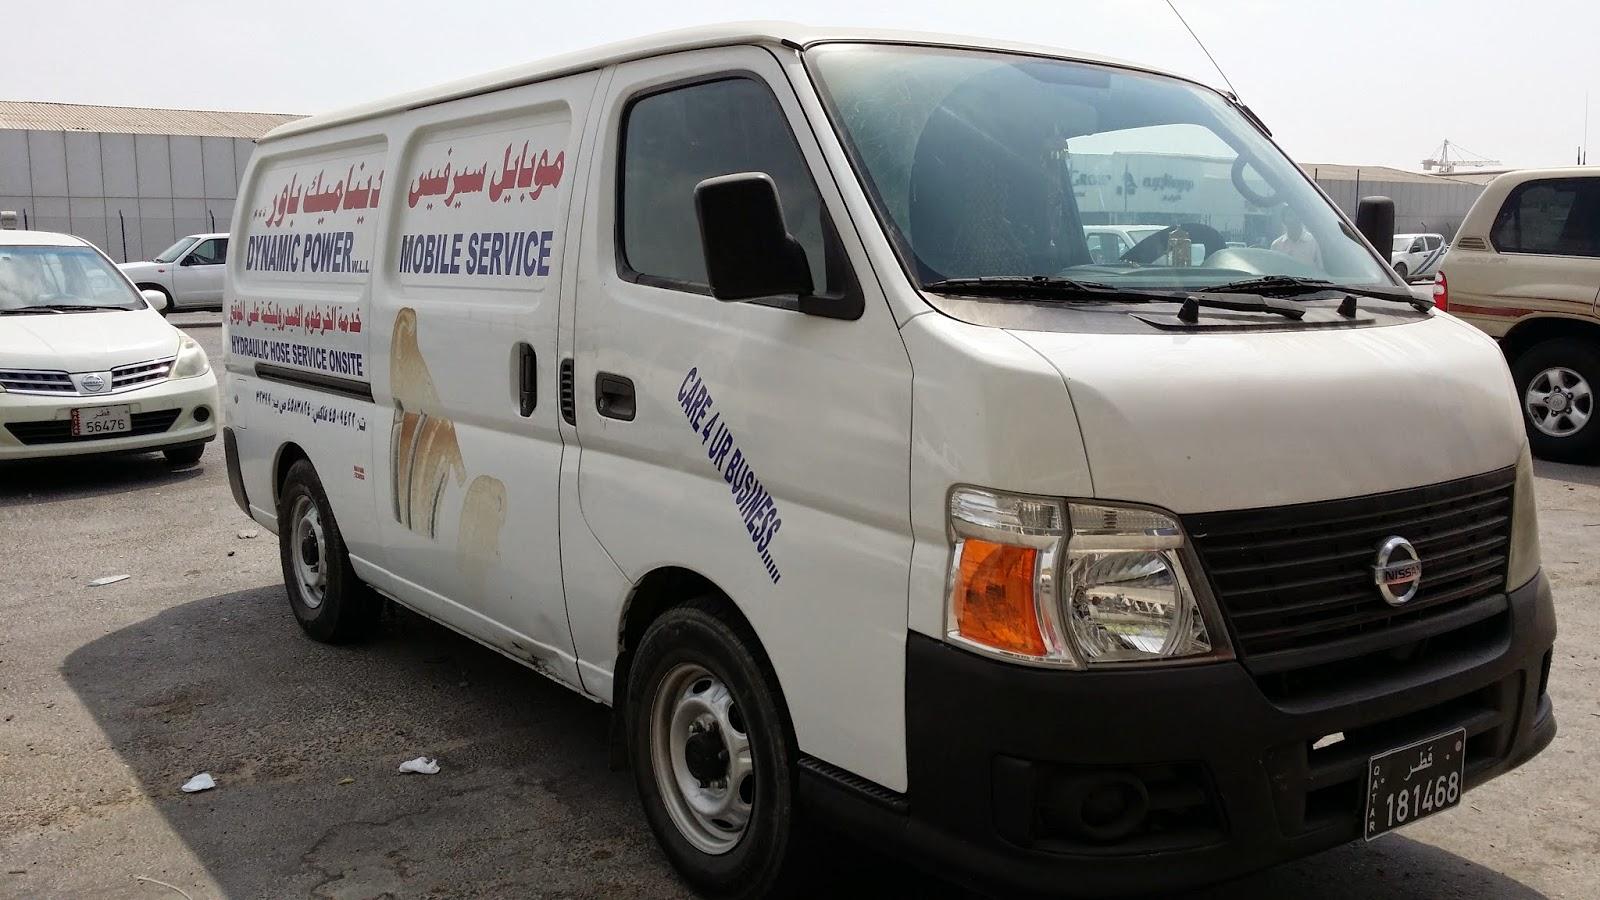 Mobile (Van) Hydraulic Hose Services in Qatar - Dynamic ...